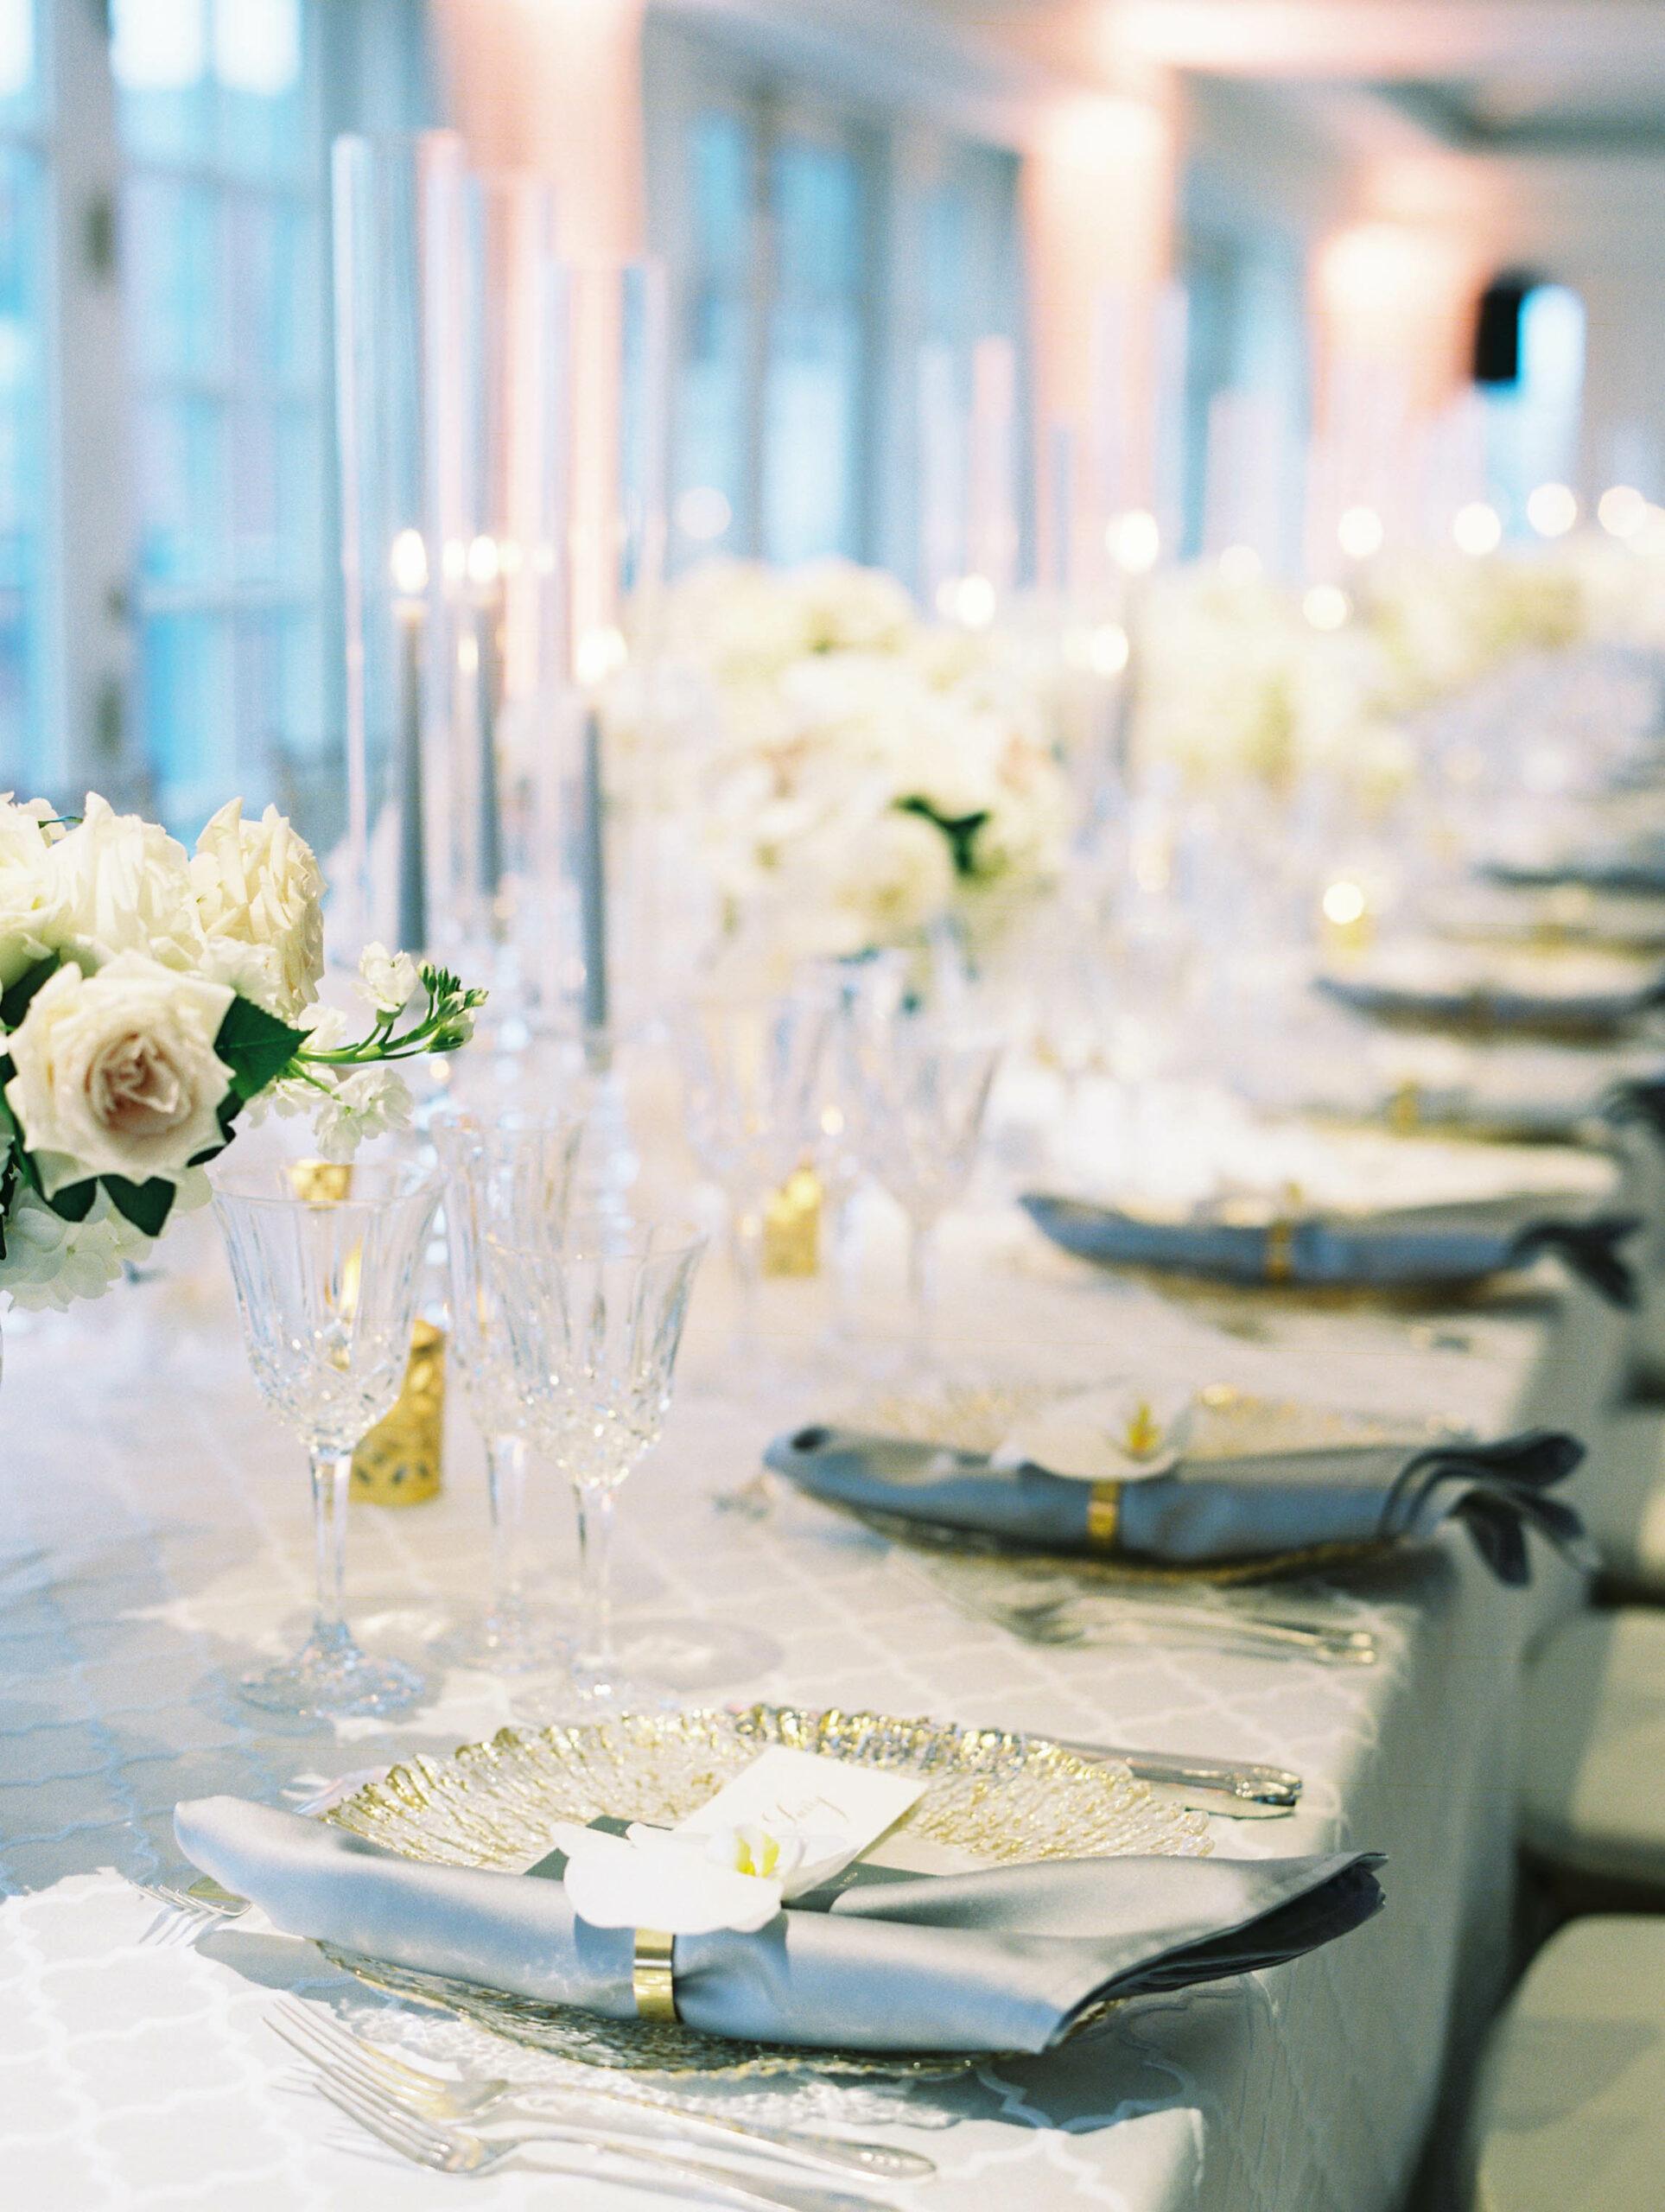 White centerpieces for modern Hay Adams wedding